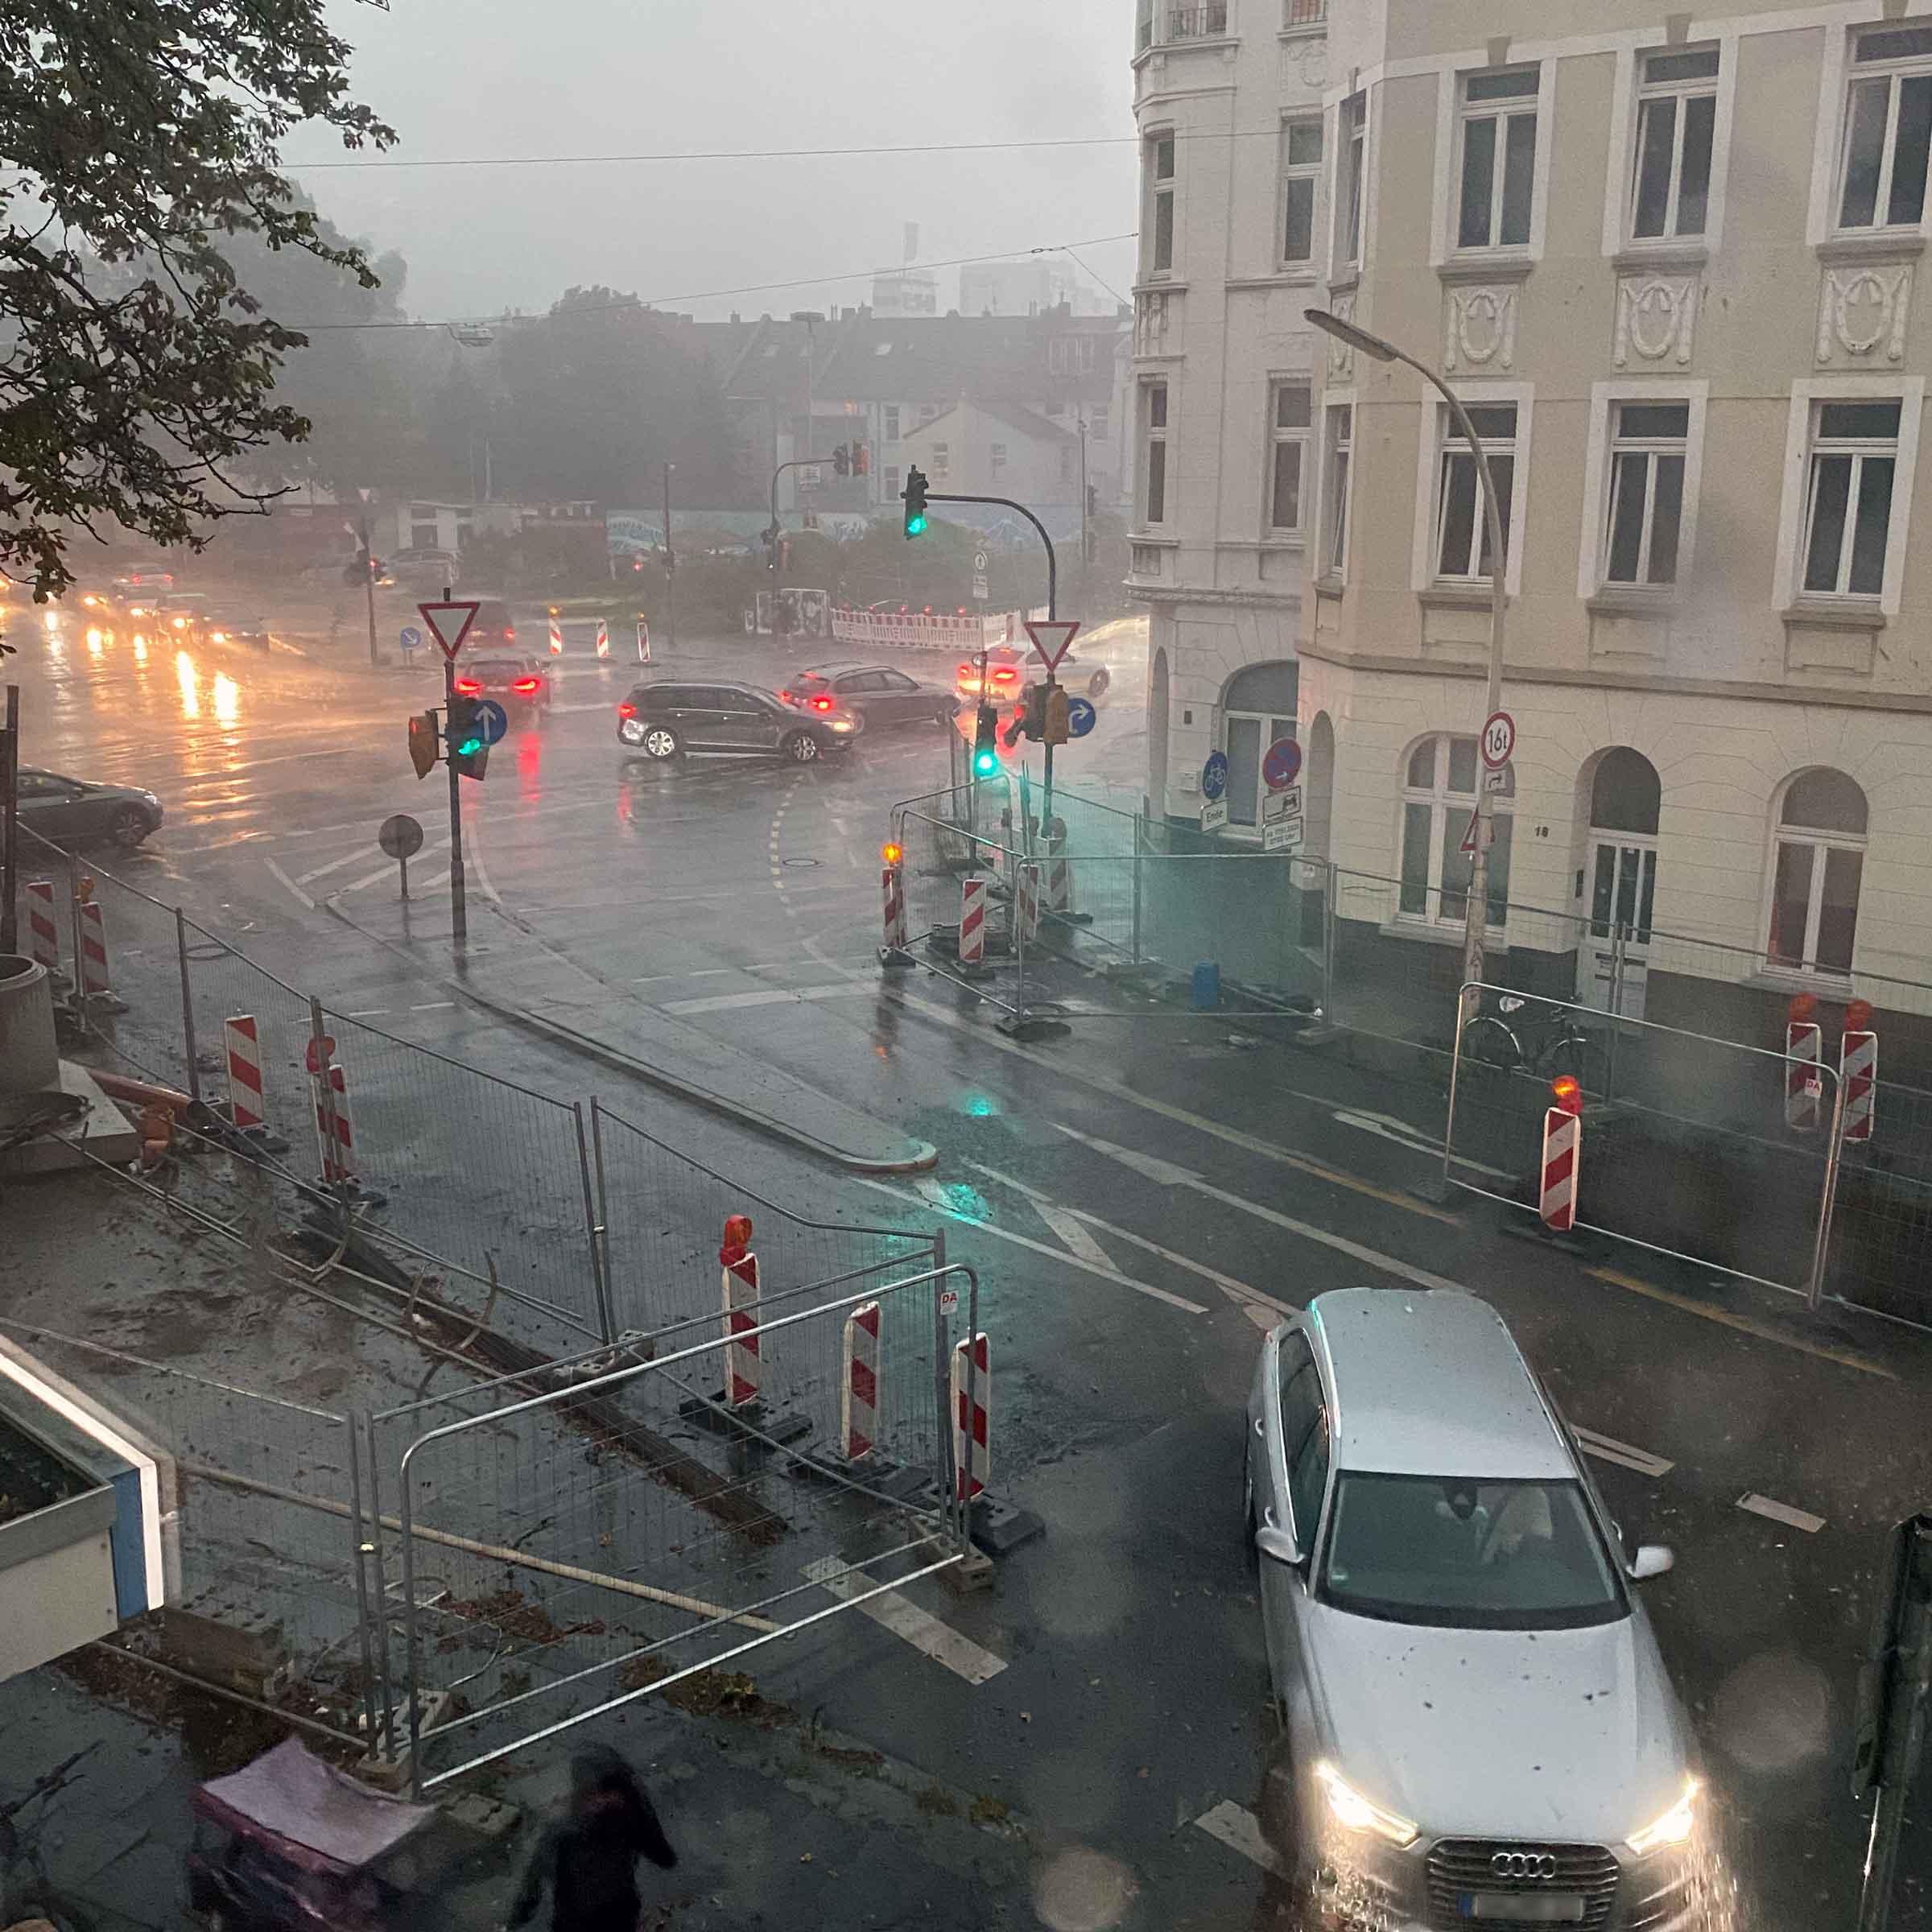 Eine Straßenkreuzung mit einen Autos, dazu Baustellenabsperrungen. Man sieht deutlich, dass es sehr stark regnet.